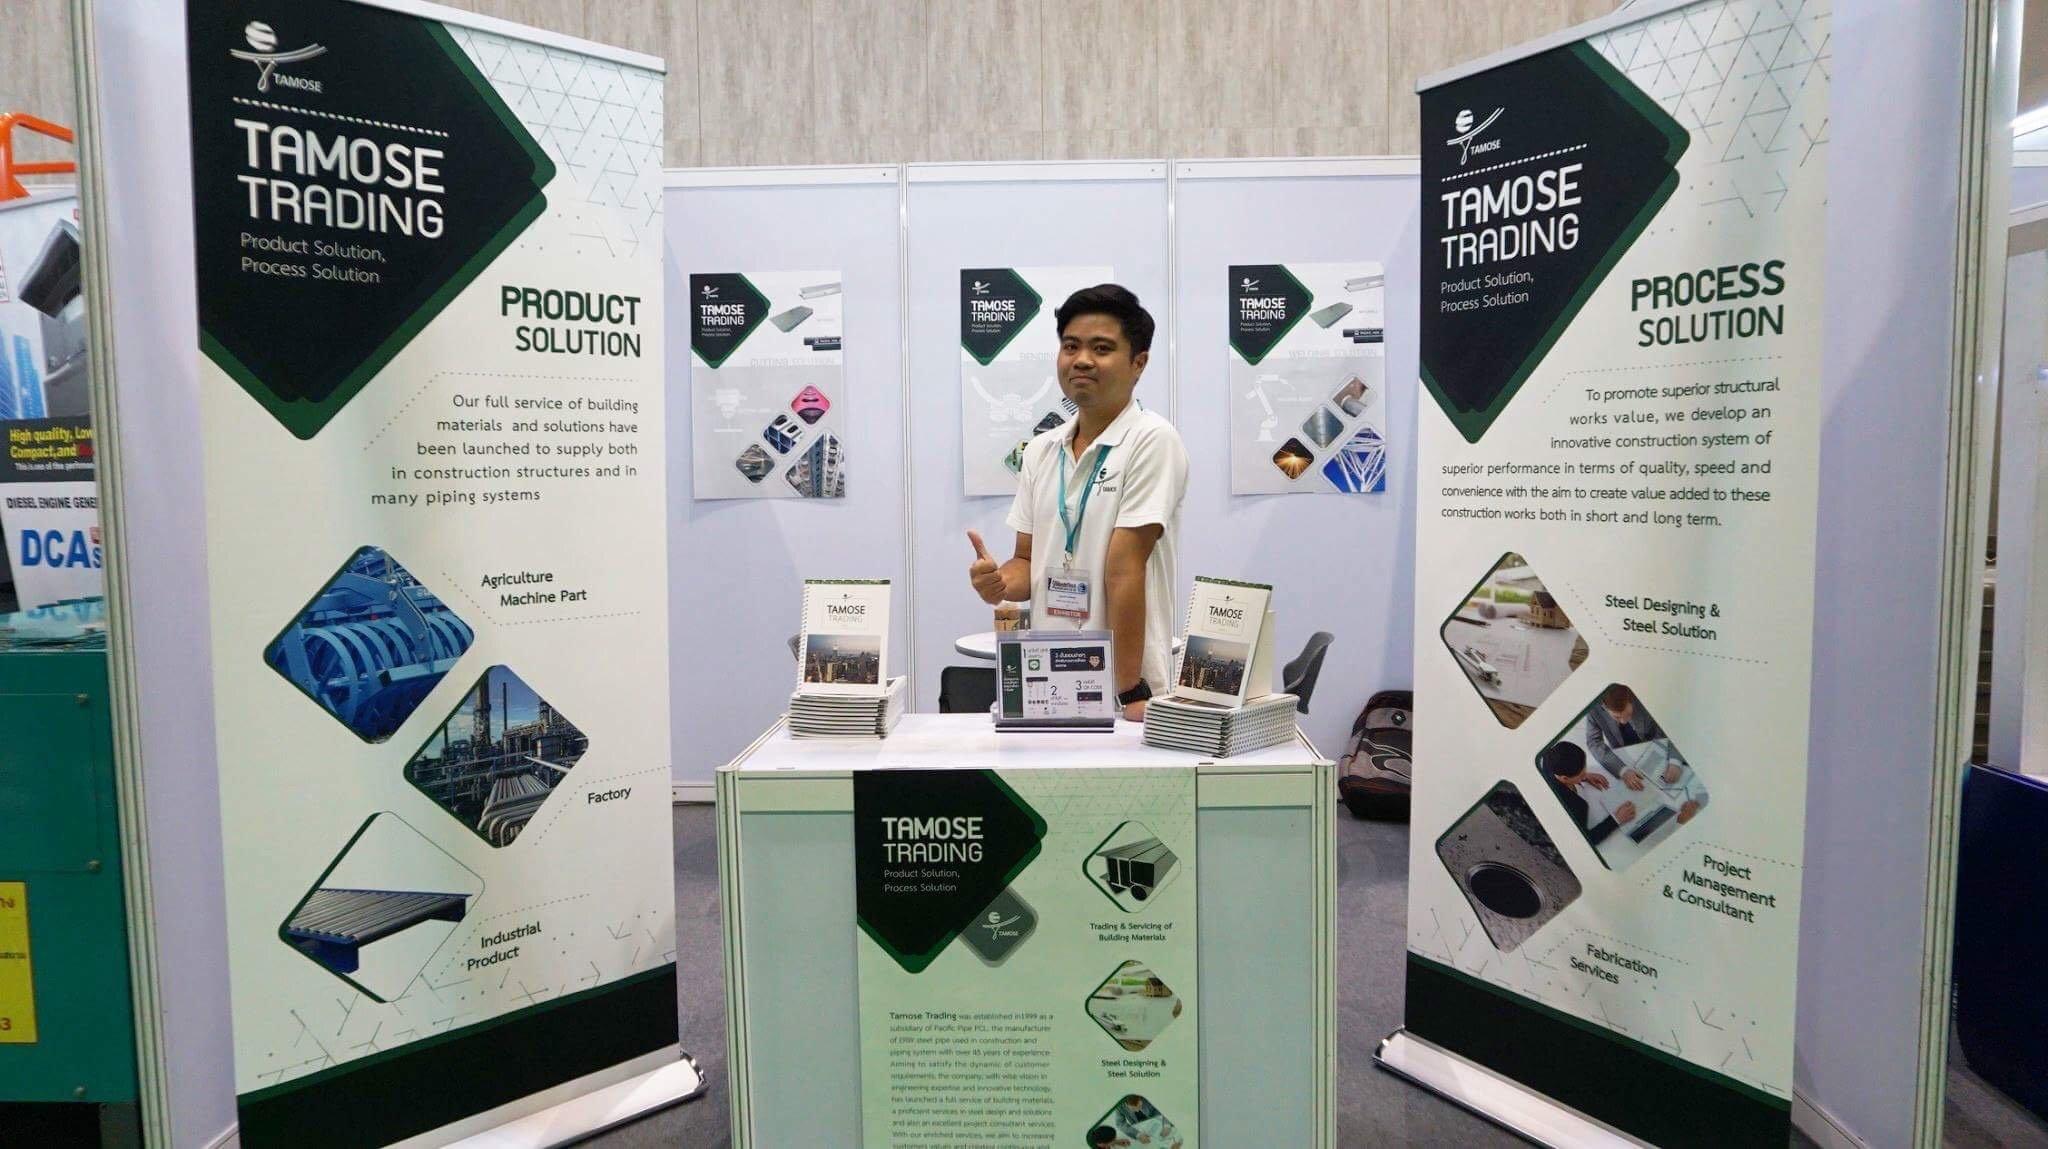 ทาโมเสะ เปิดตัวบริการจัดการโครงการก่อสร้างแบบครบครัน ในงาน Thailand IndustriTech Khonkaen 2018